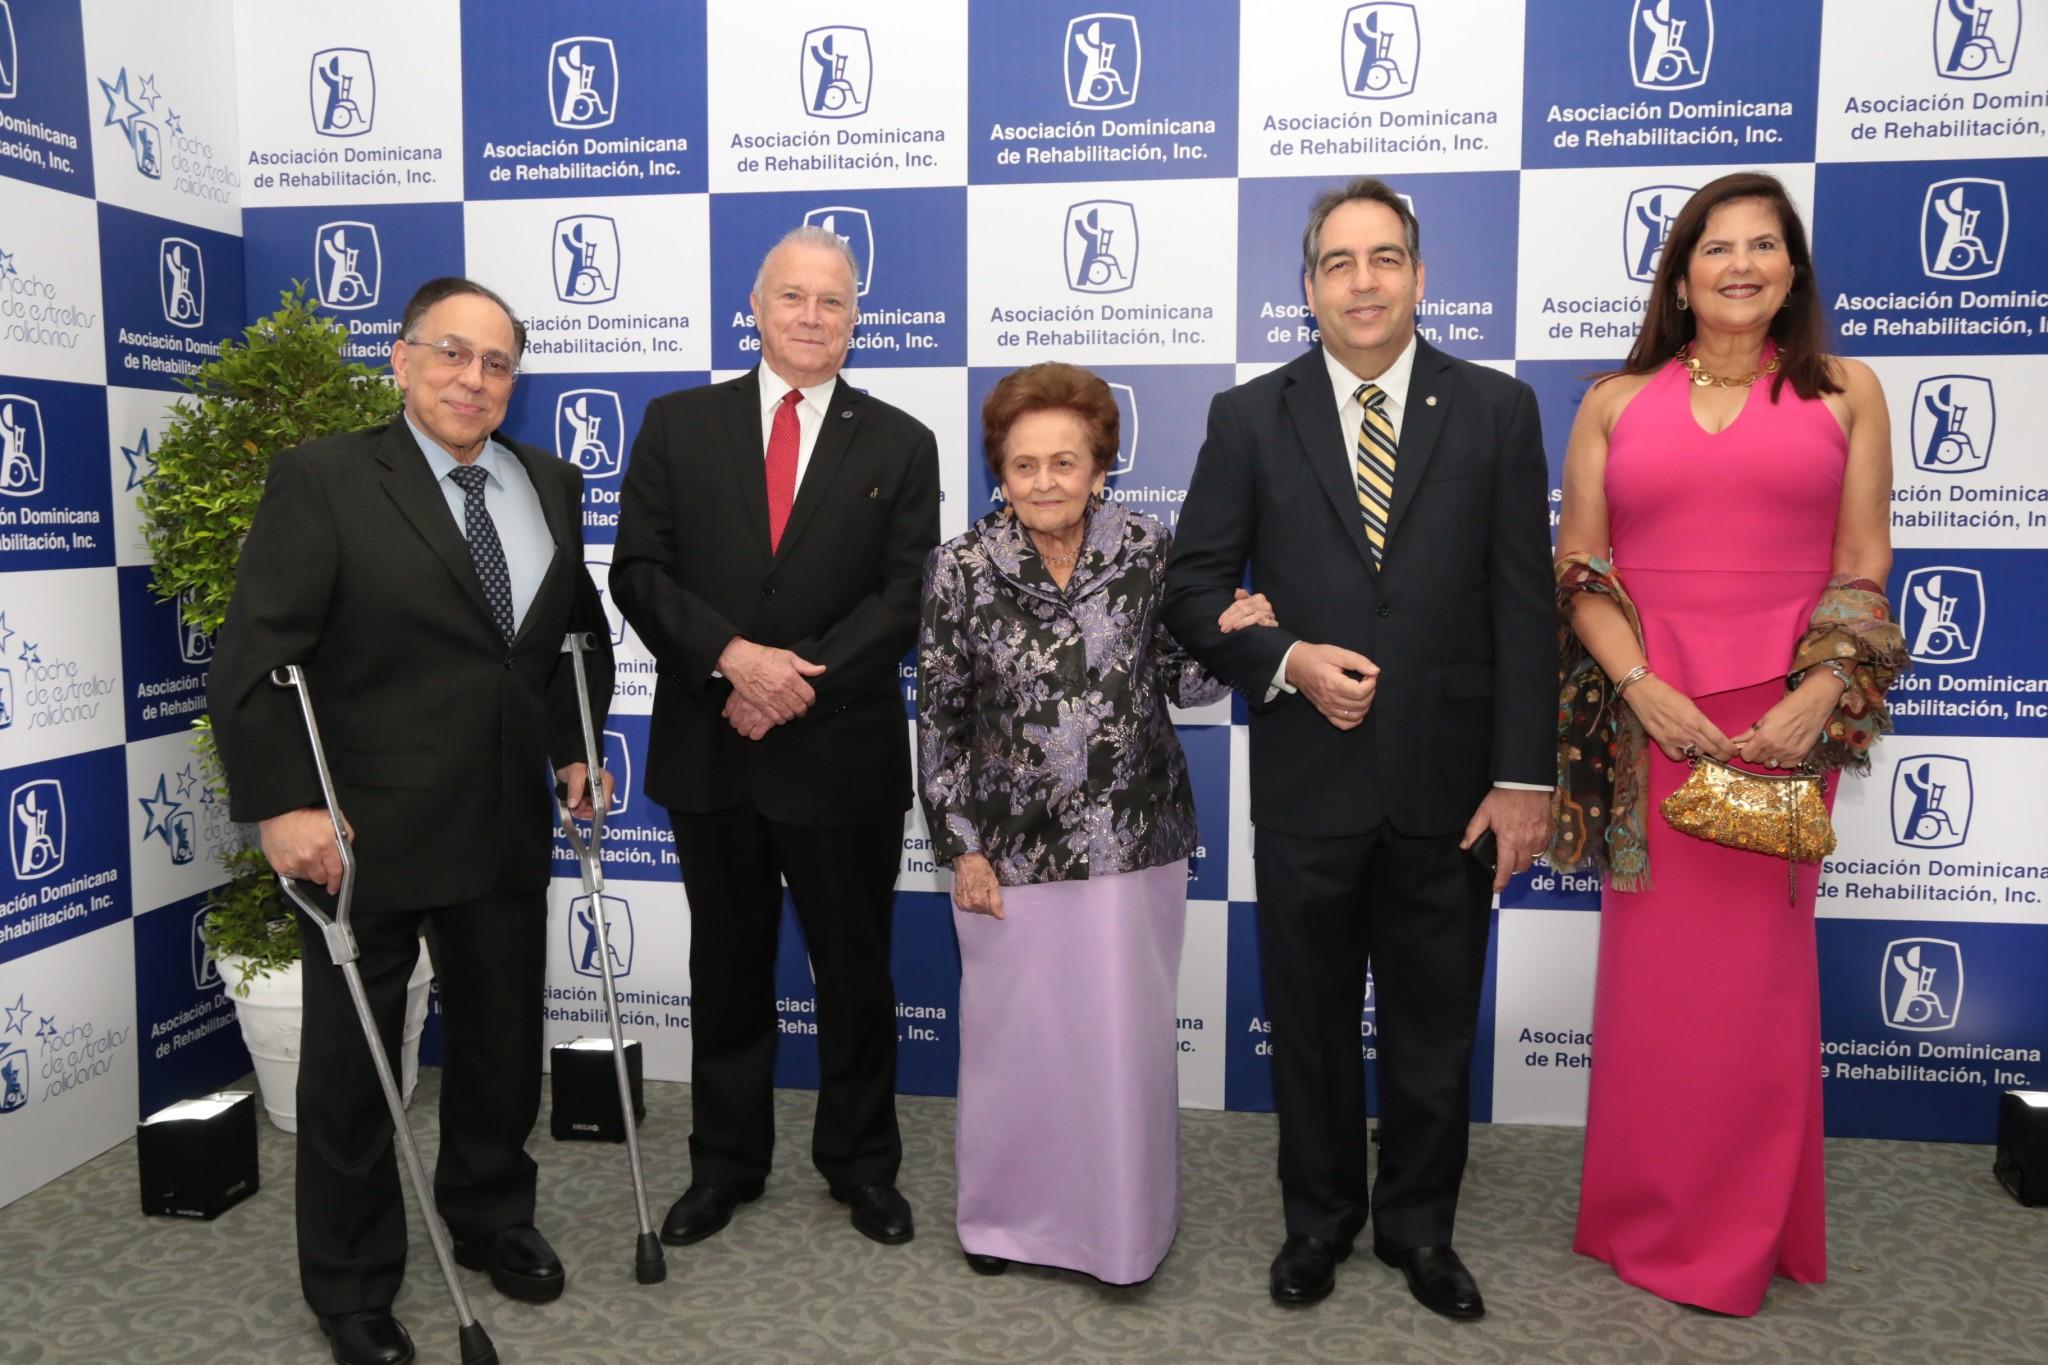 Foto principal Celso Marranzini, Arturo Pérez Gavino, Mary Pérez viuda Marranzzni, Eduardo Tolentino y Sonia Villanueva.